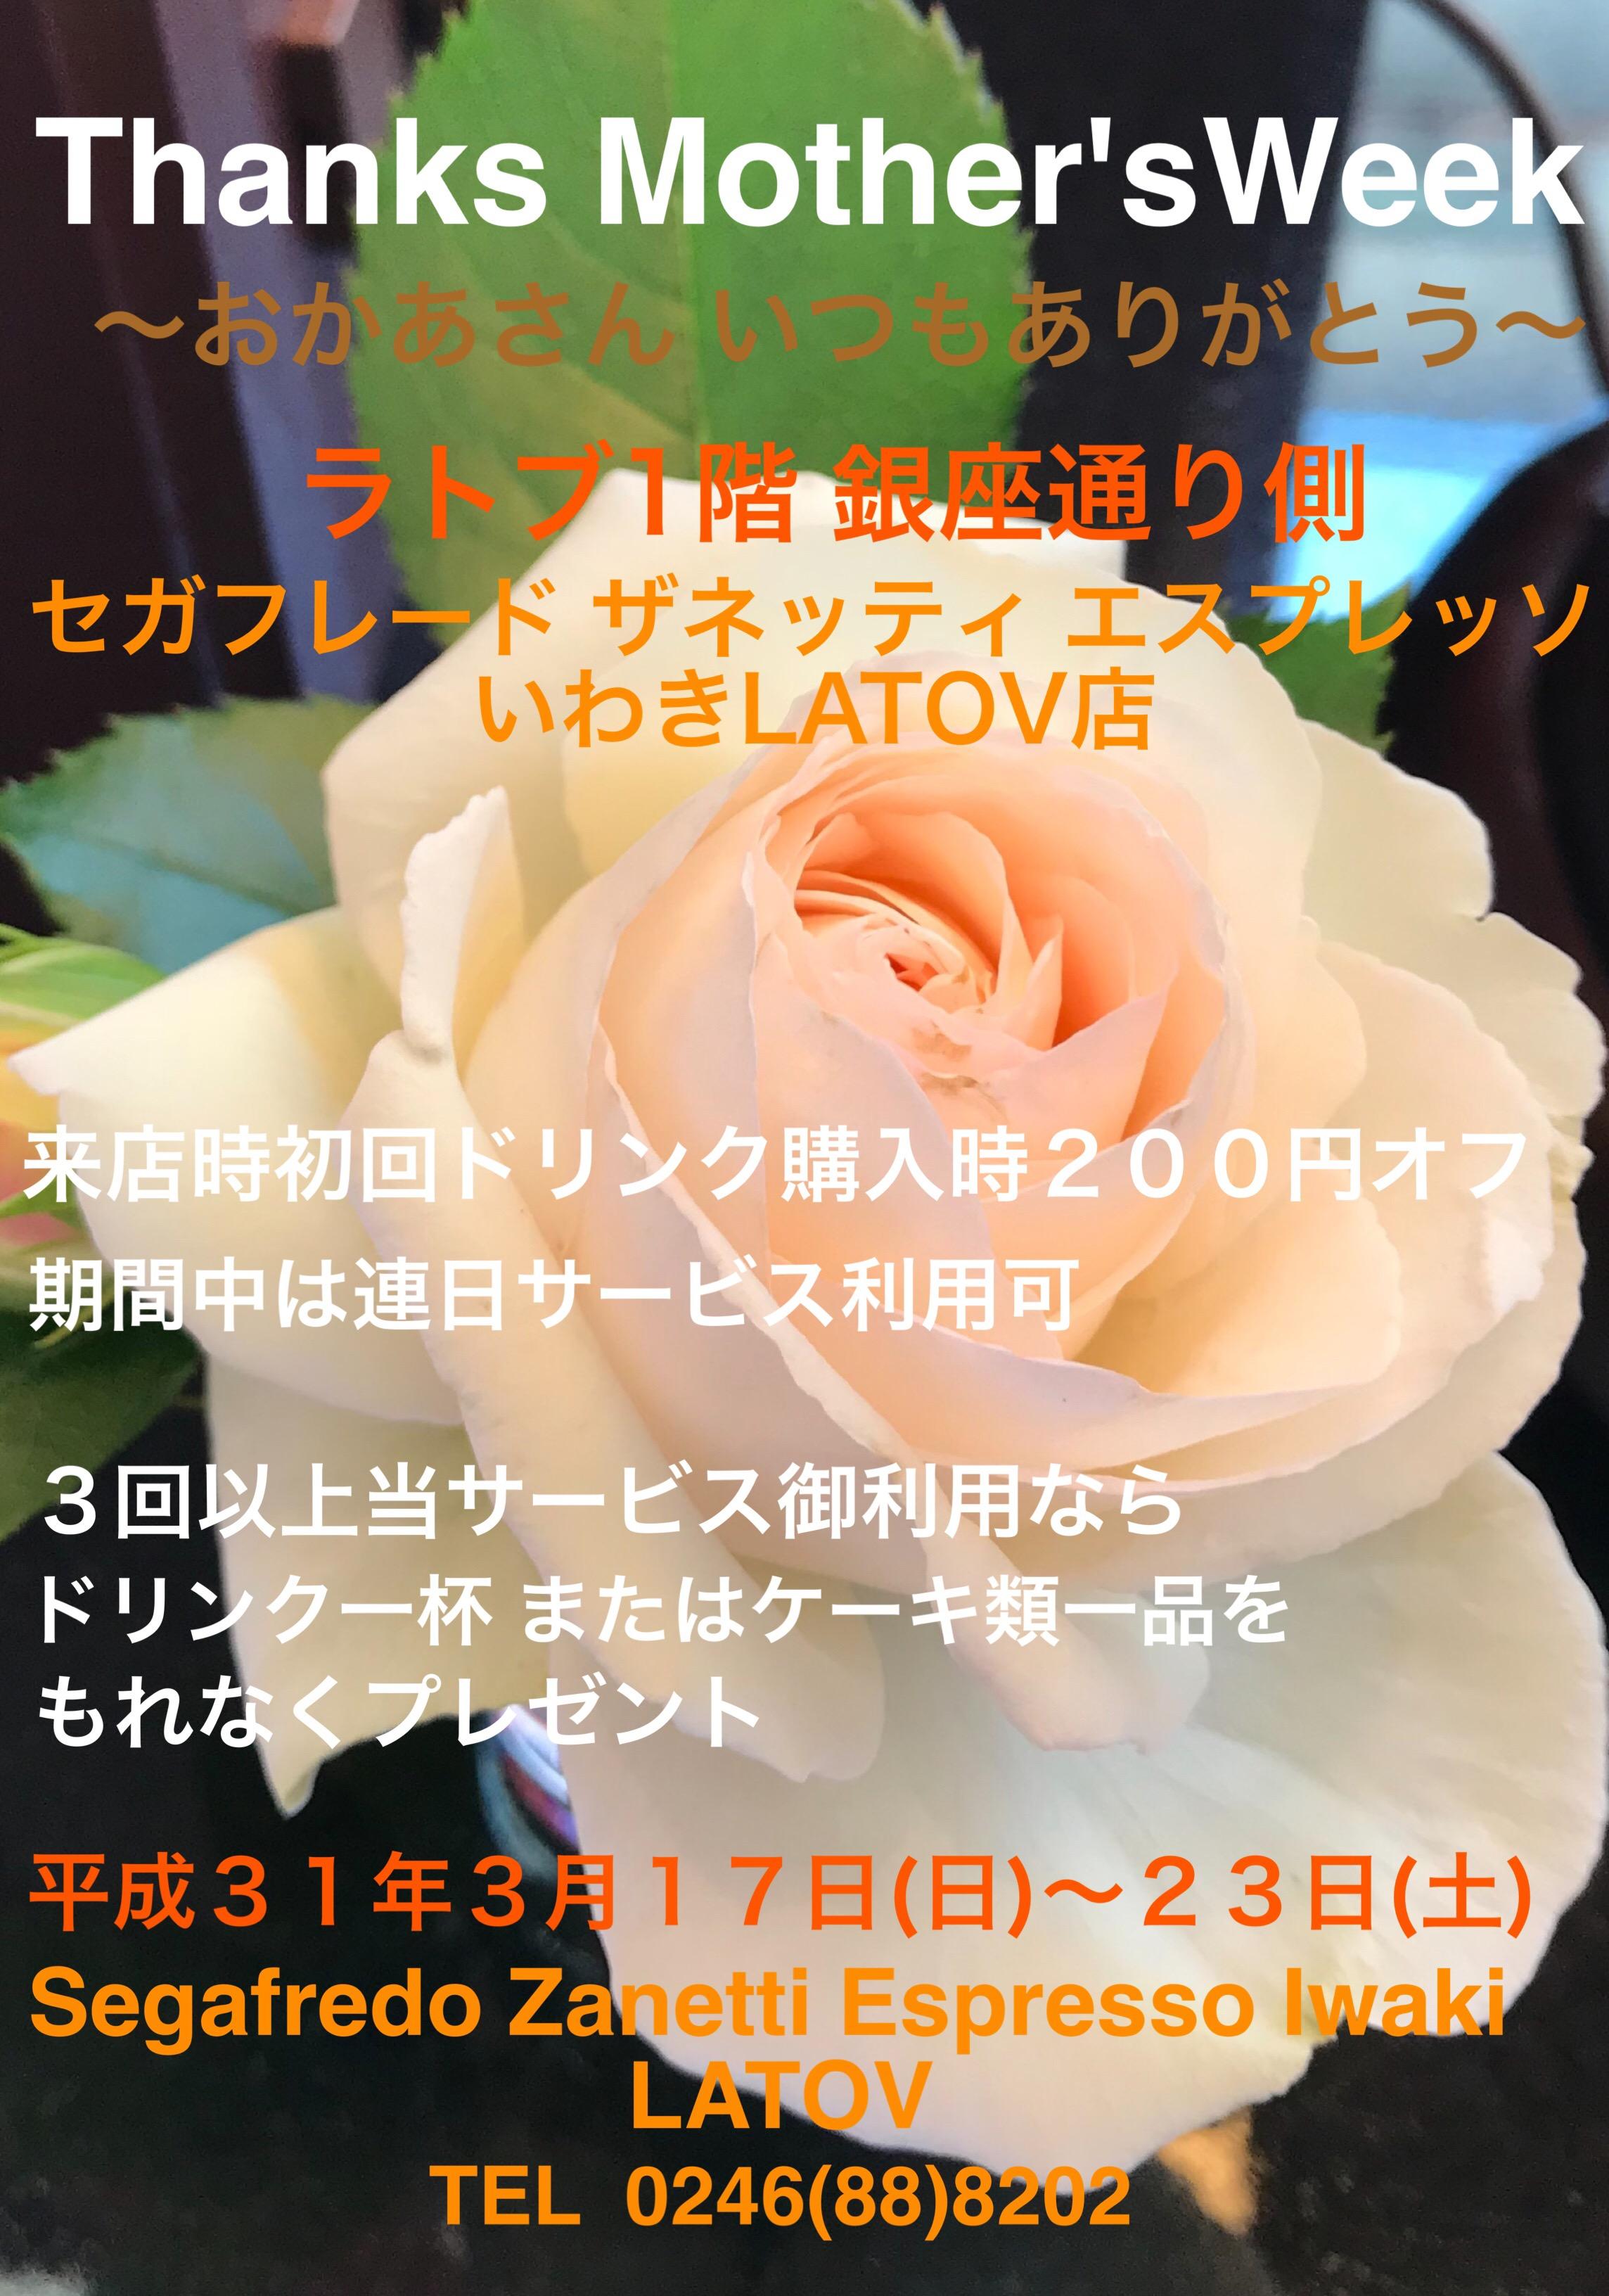 【春の特別企画】〜  おかあさん感謝ウィーク 〜 Thanks Mother's Week